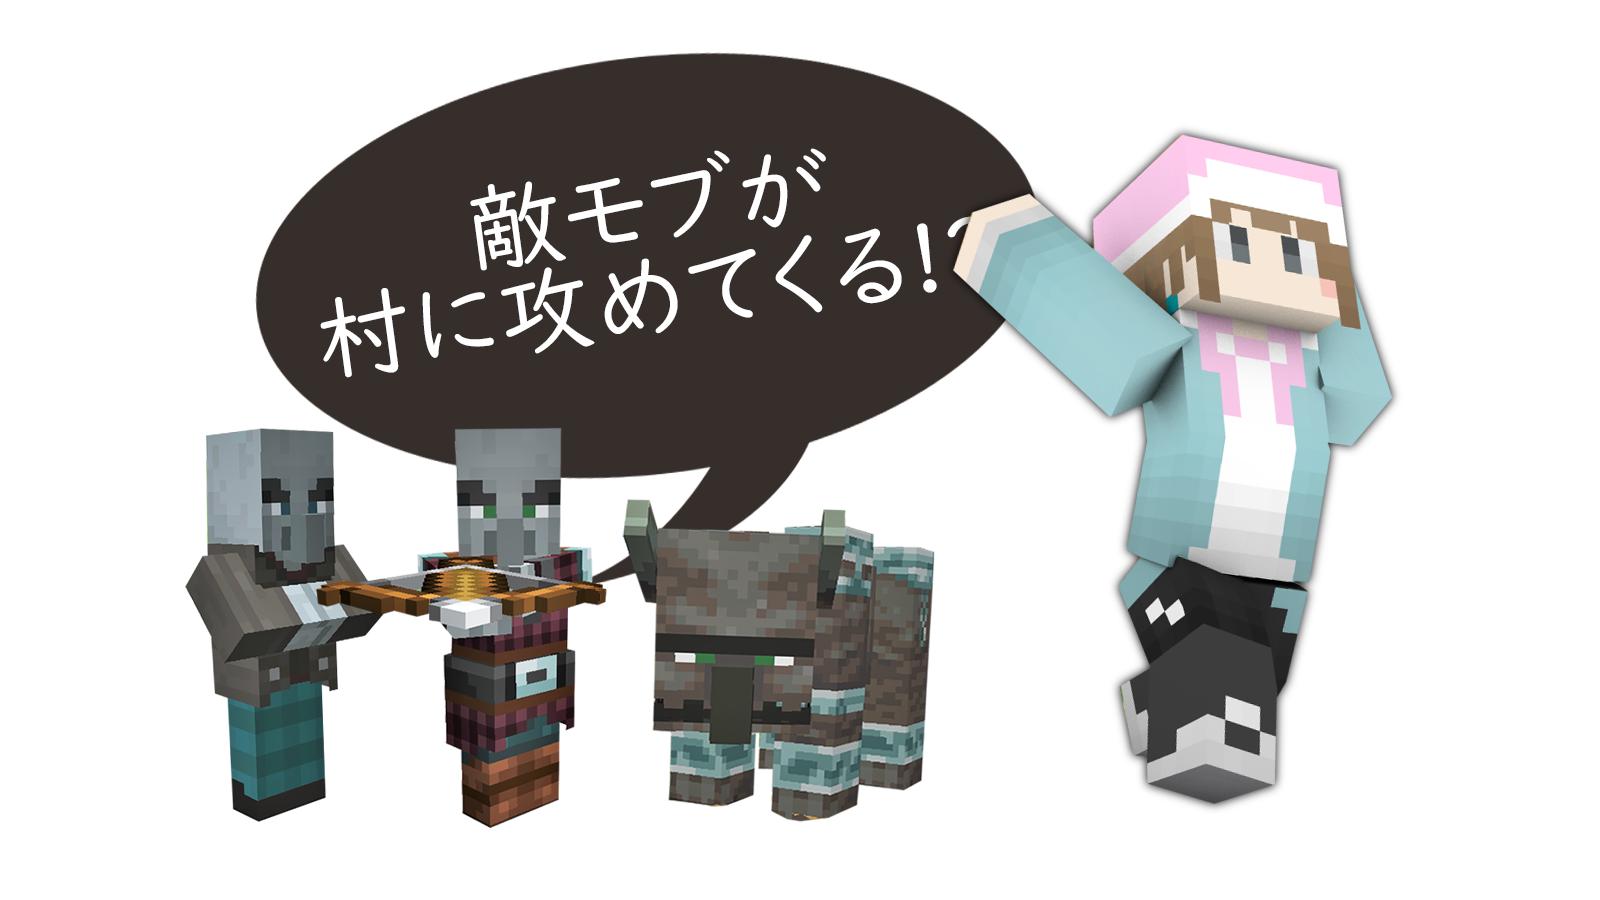 めちゃメモ wallpaper.png